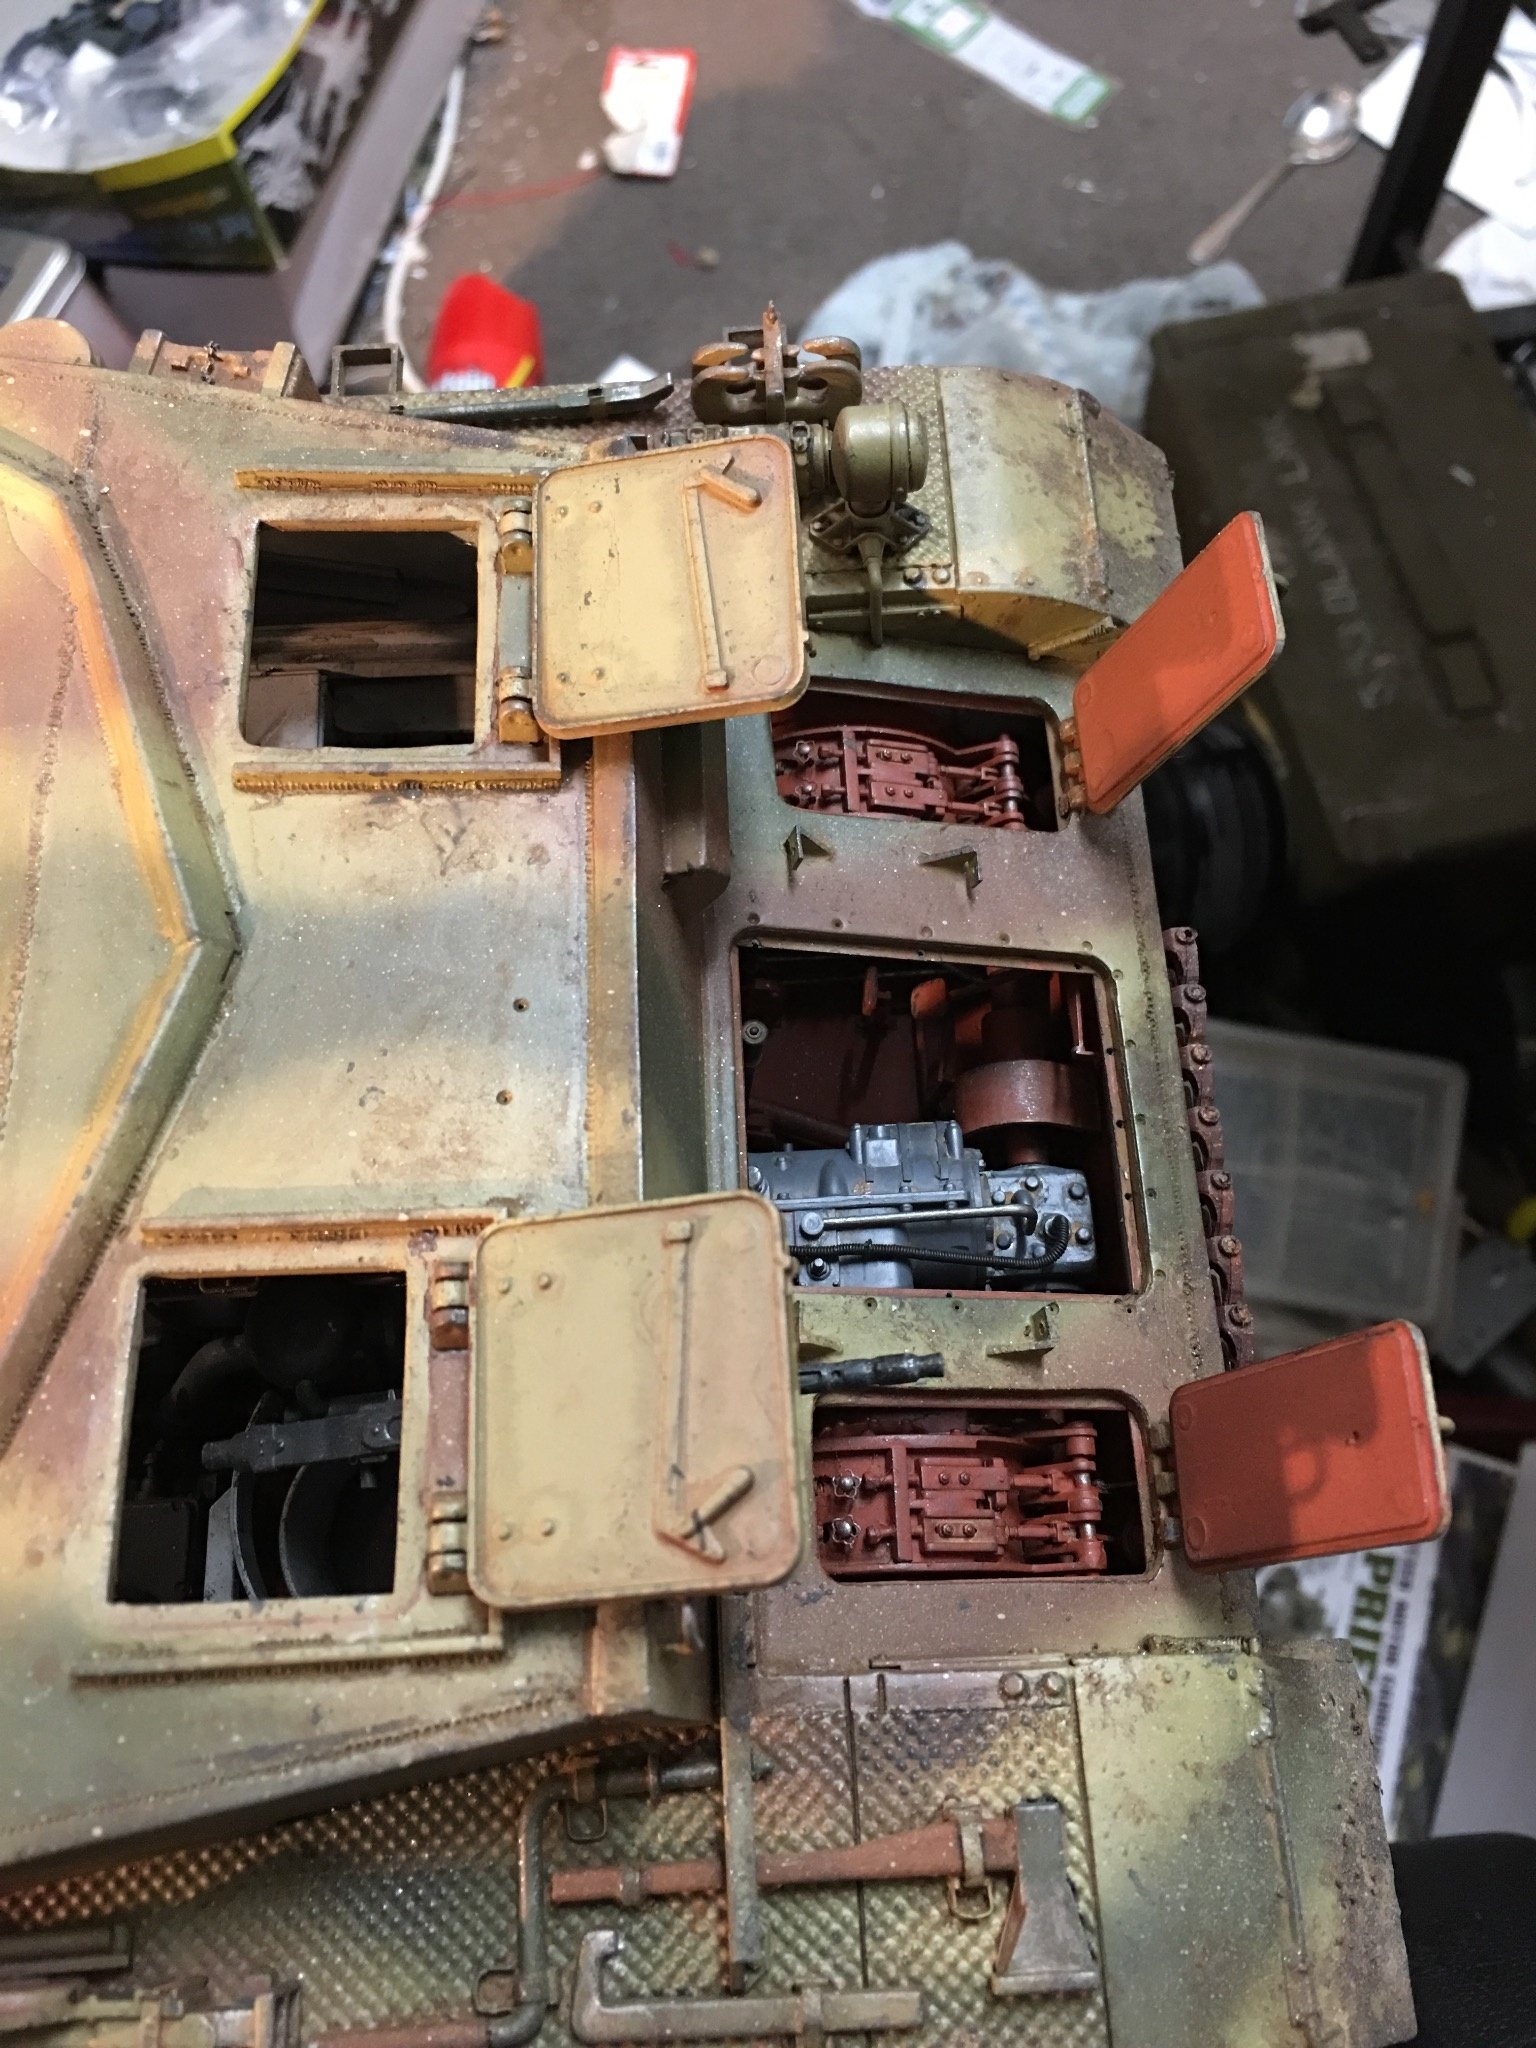 8998BF2E-F935-4EF9-B911-A0CFCF674A86.jpeg